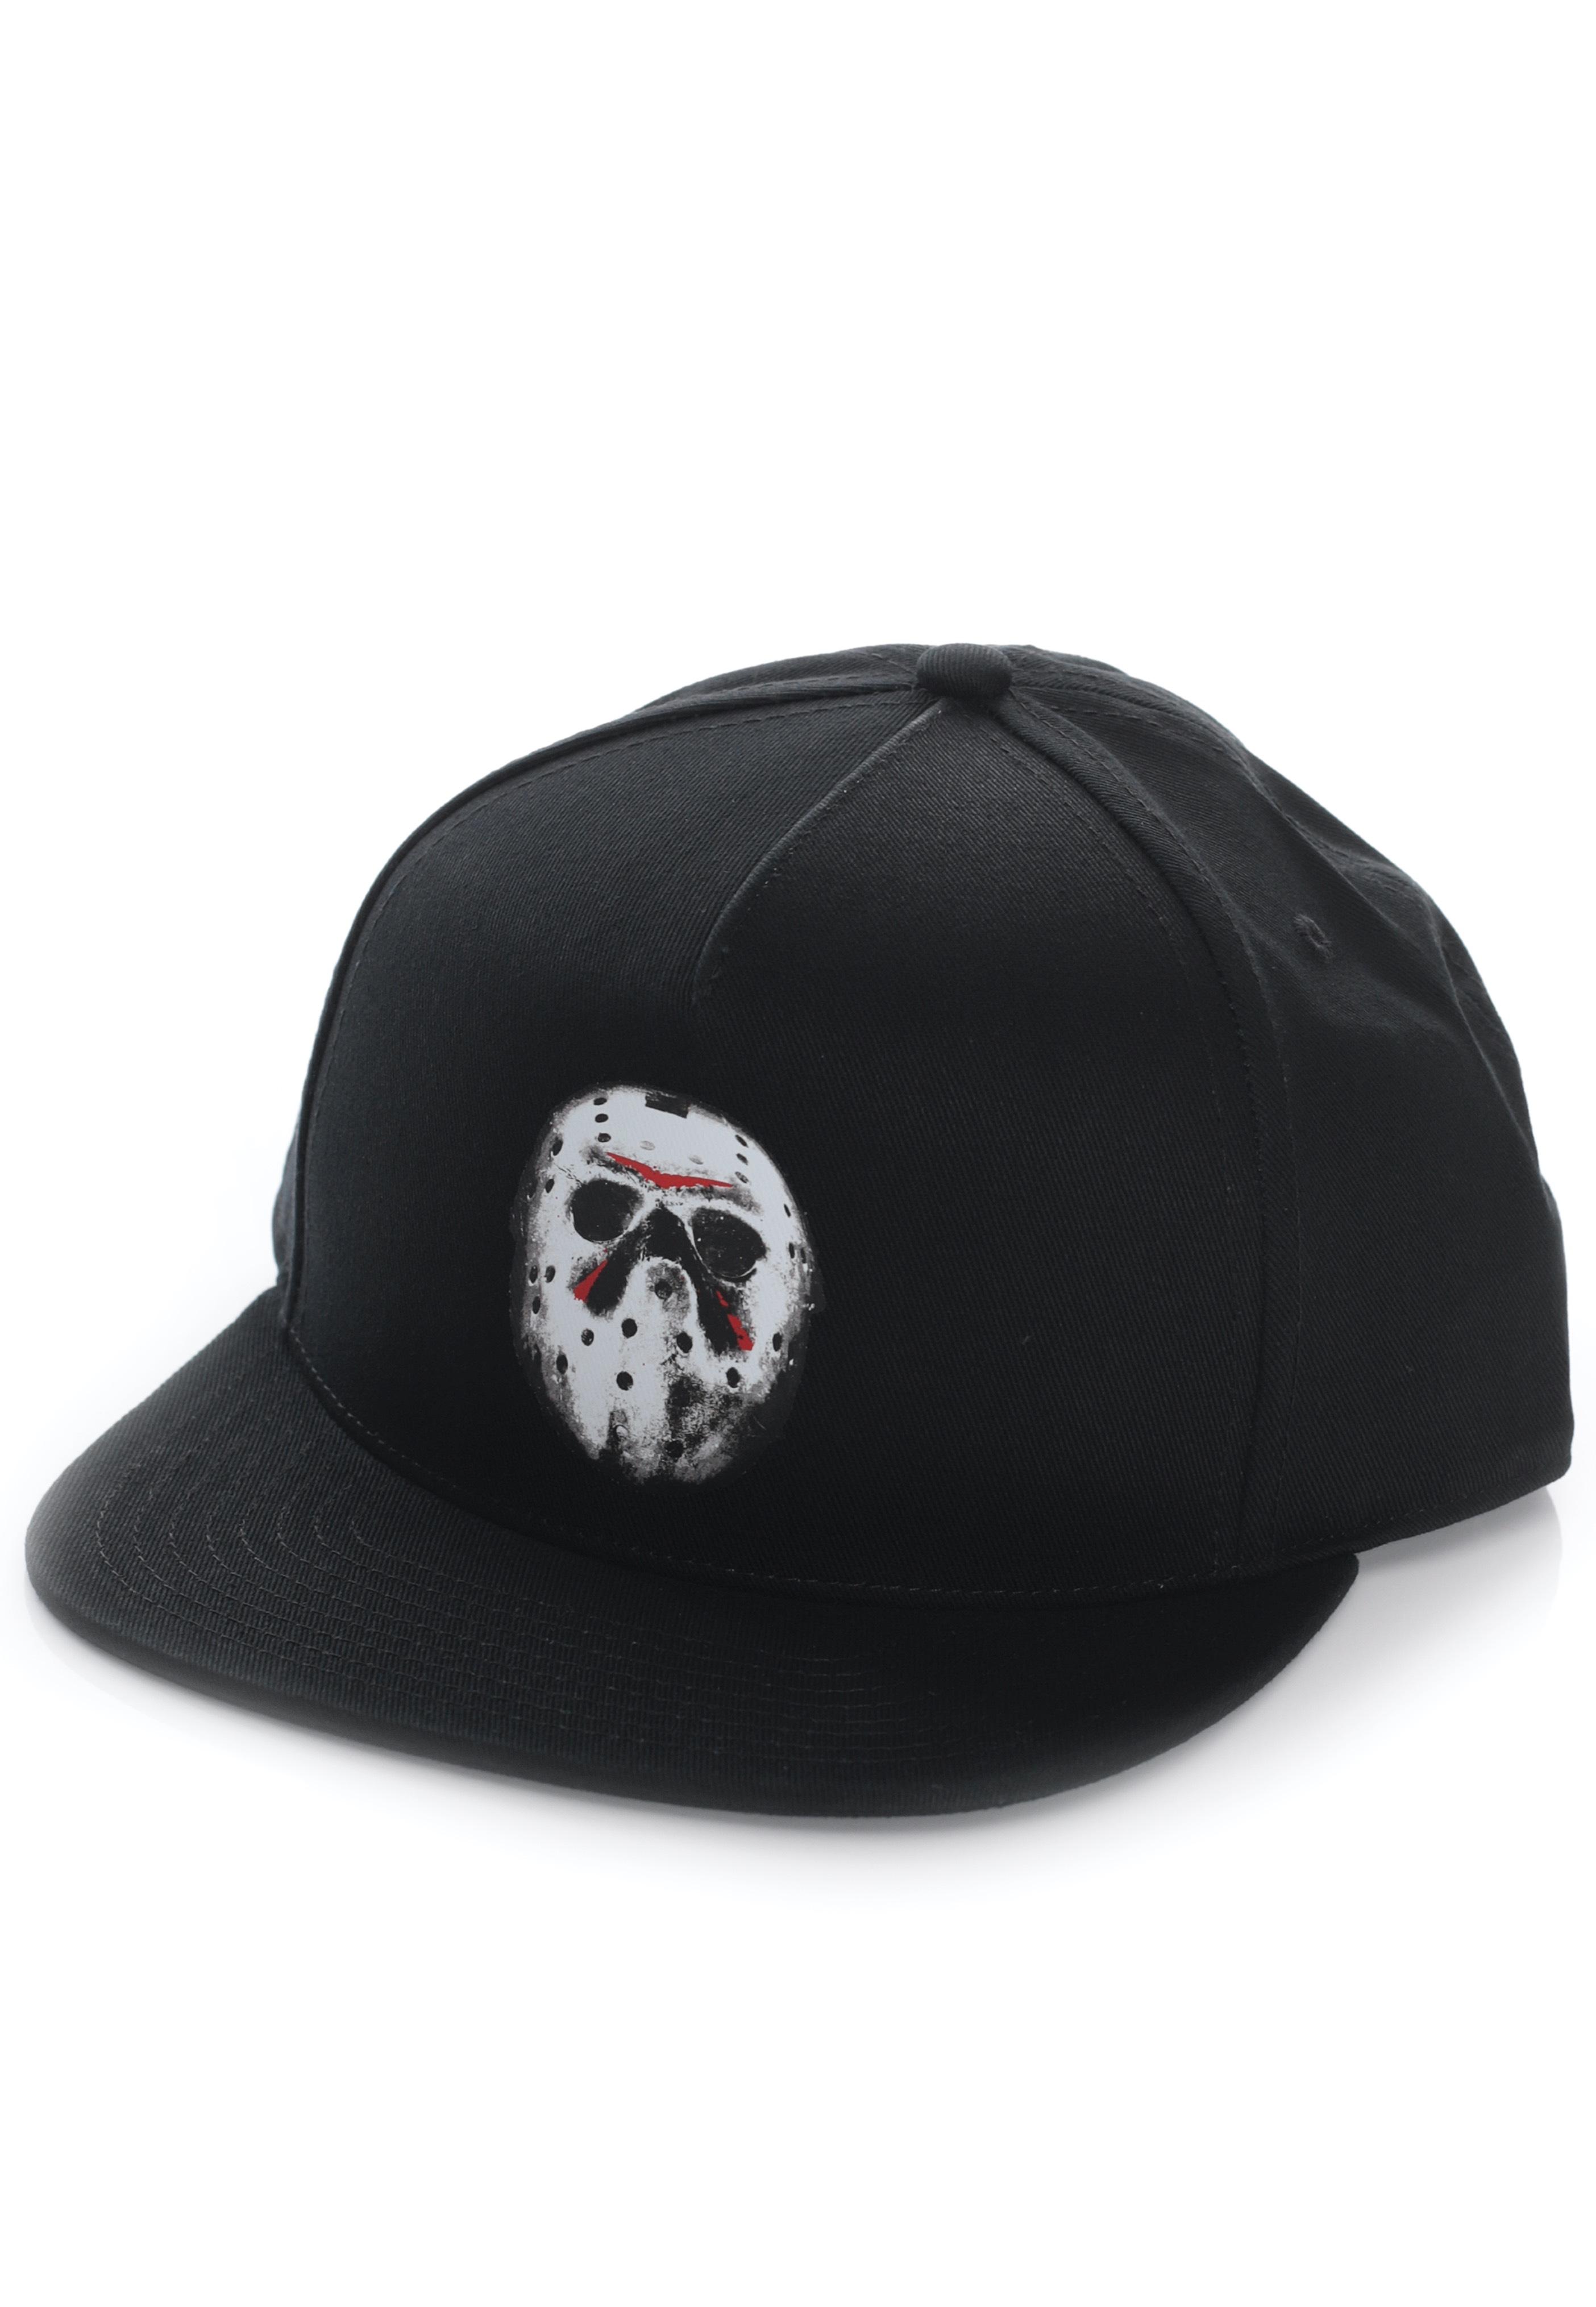 Vans x Horror Friday The 13Th Cap